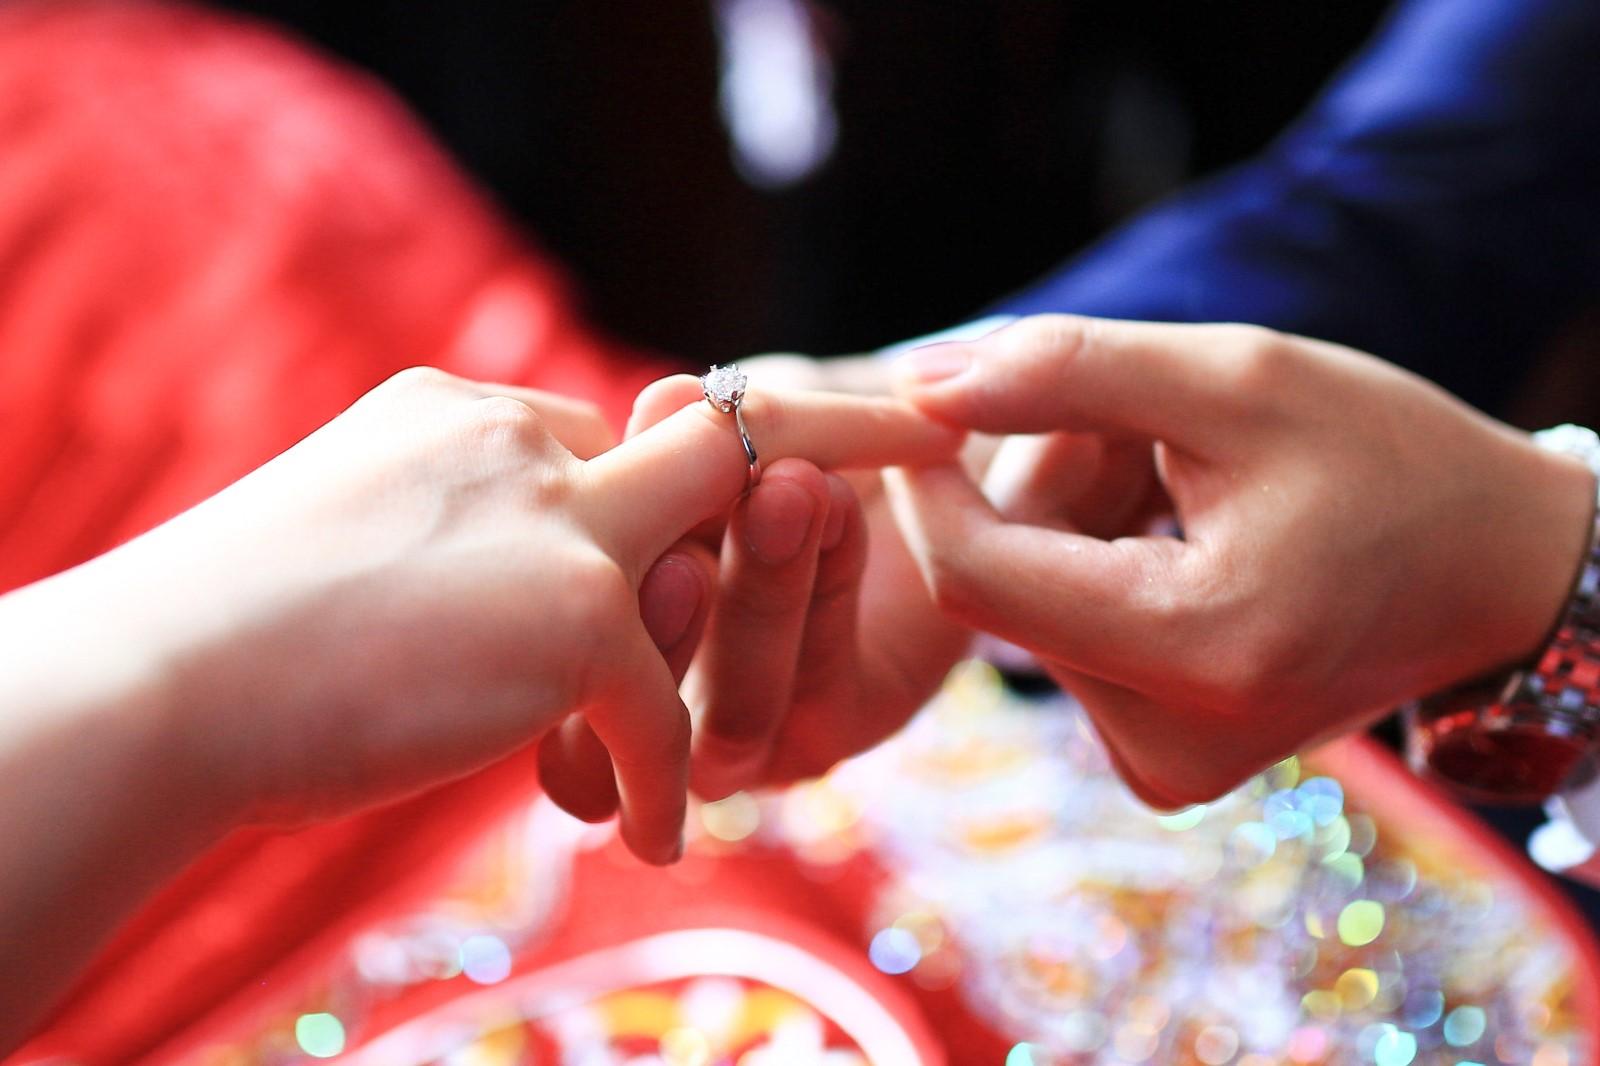 公布自己订婚的句子 男生公布自己订婚的句子